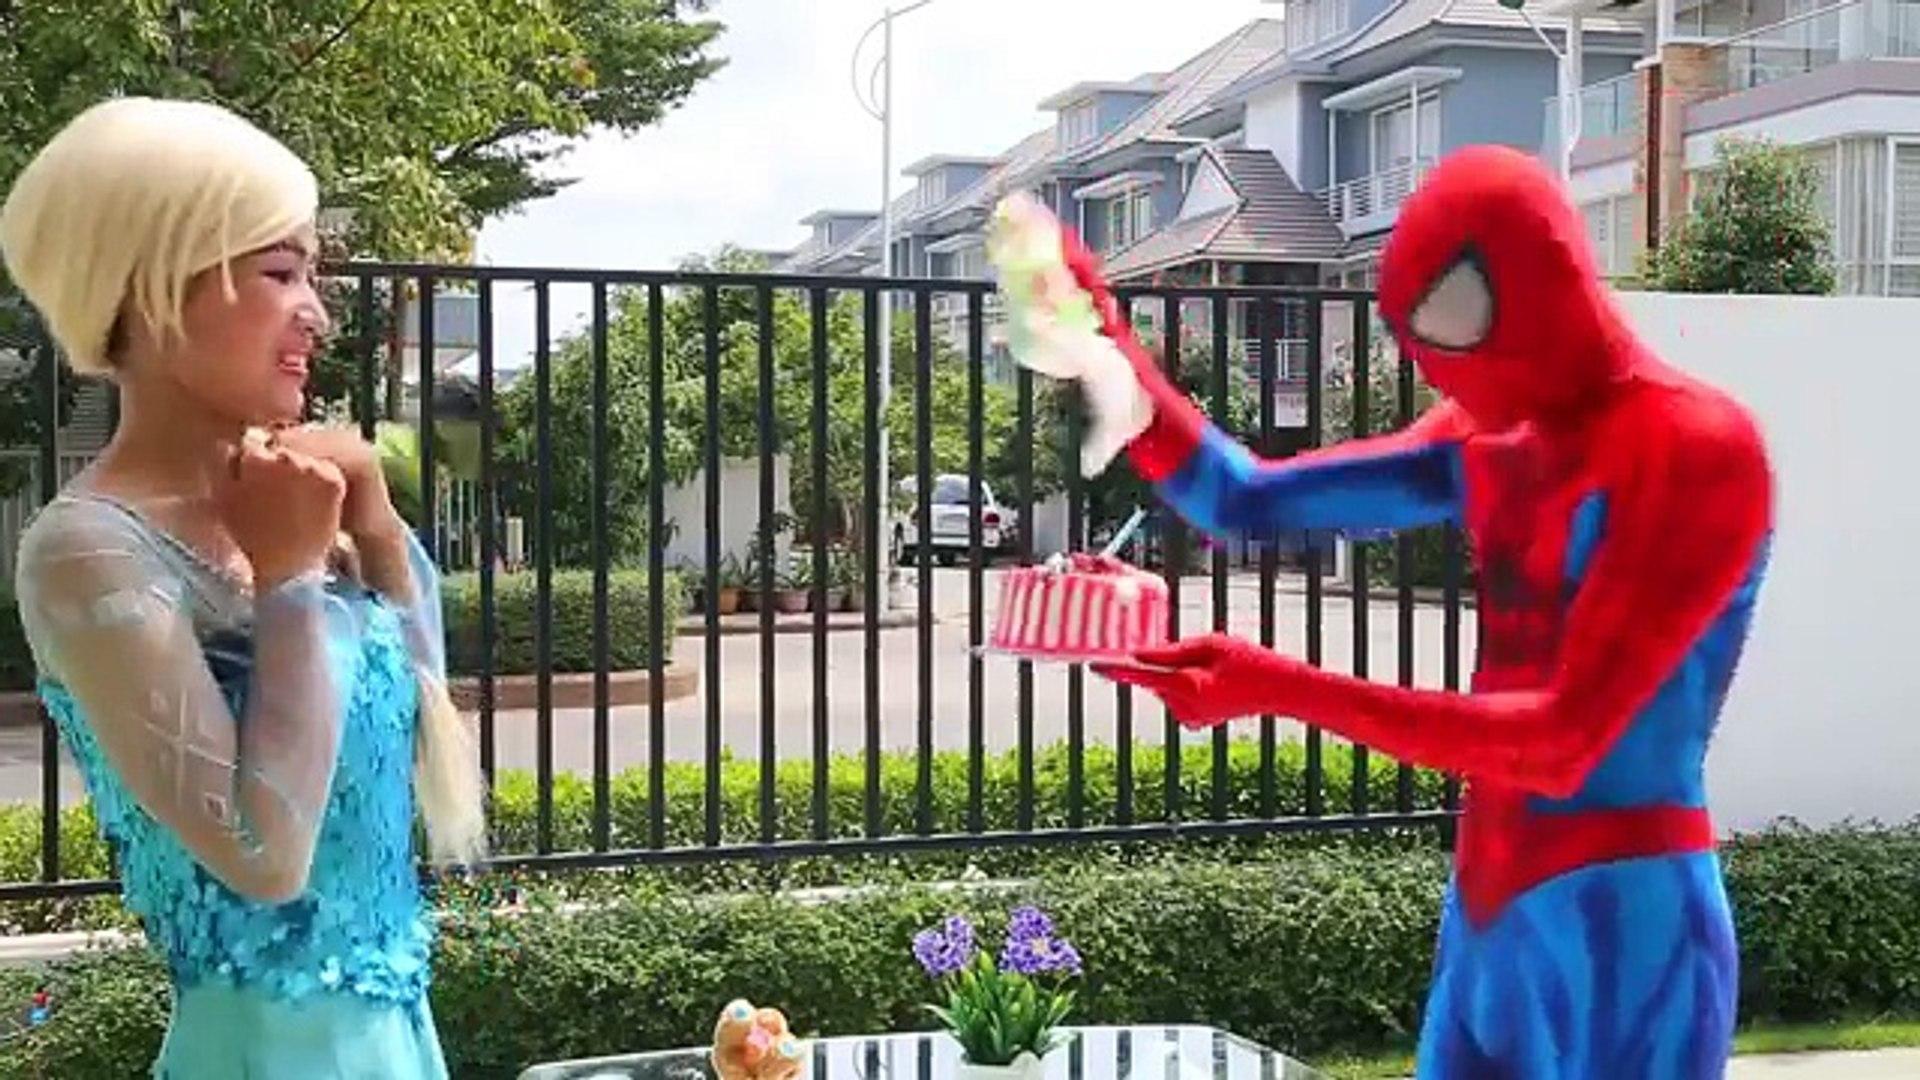 Детка ребенок день рождения Яйца Эльза Веселая килектор я я я и в Добрее Моана изнурять человек-паук